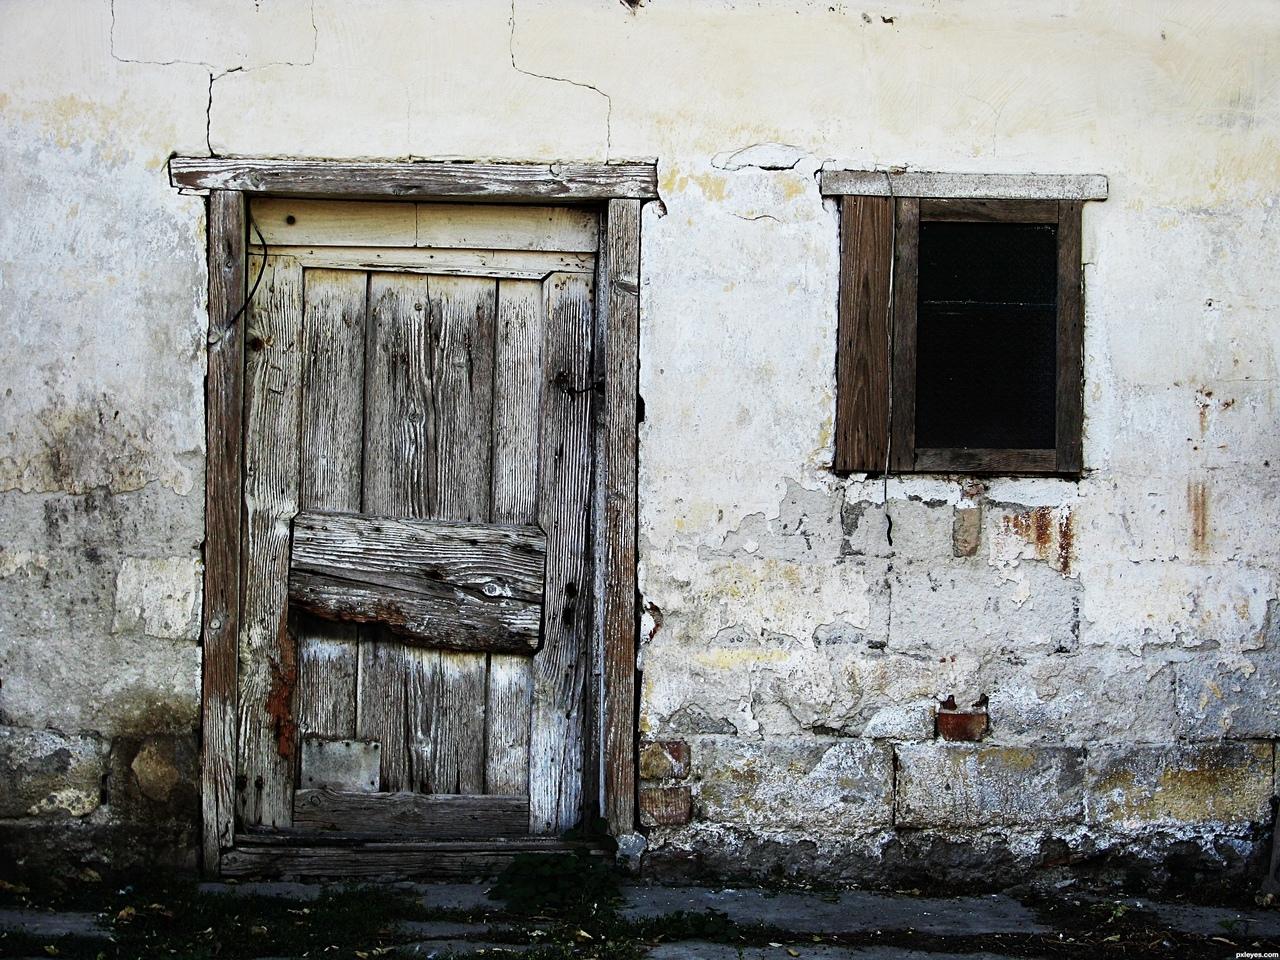 заброшенный дом и открытая дверь фото является